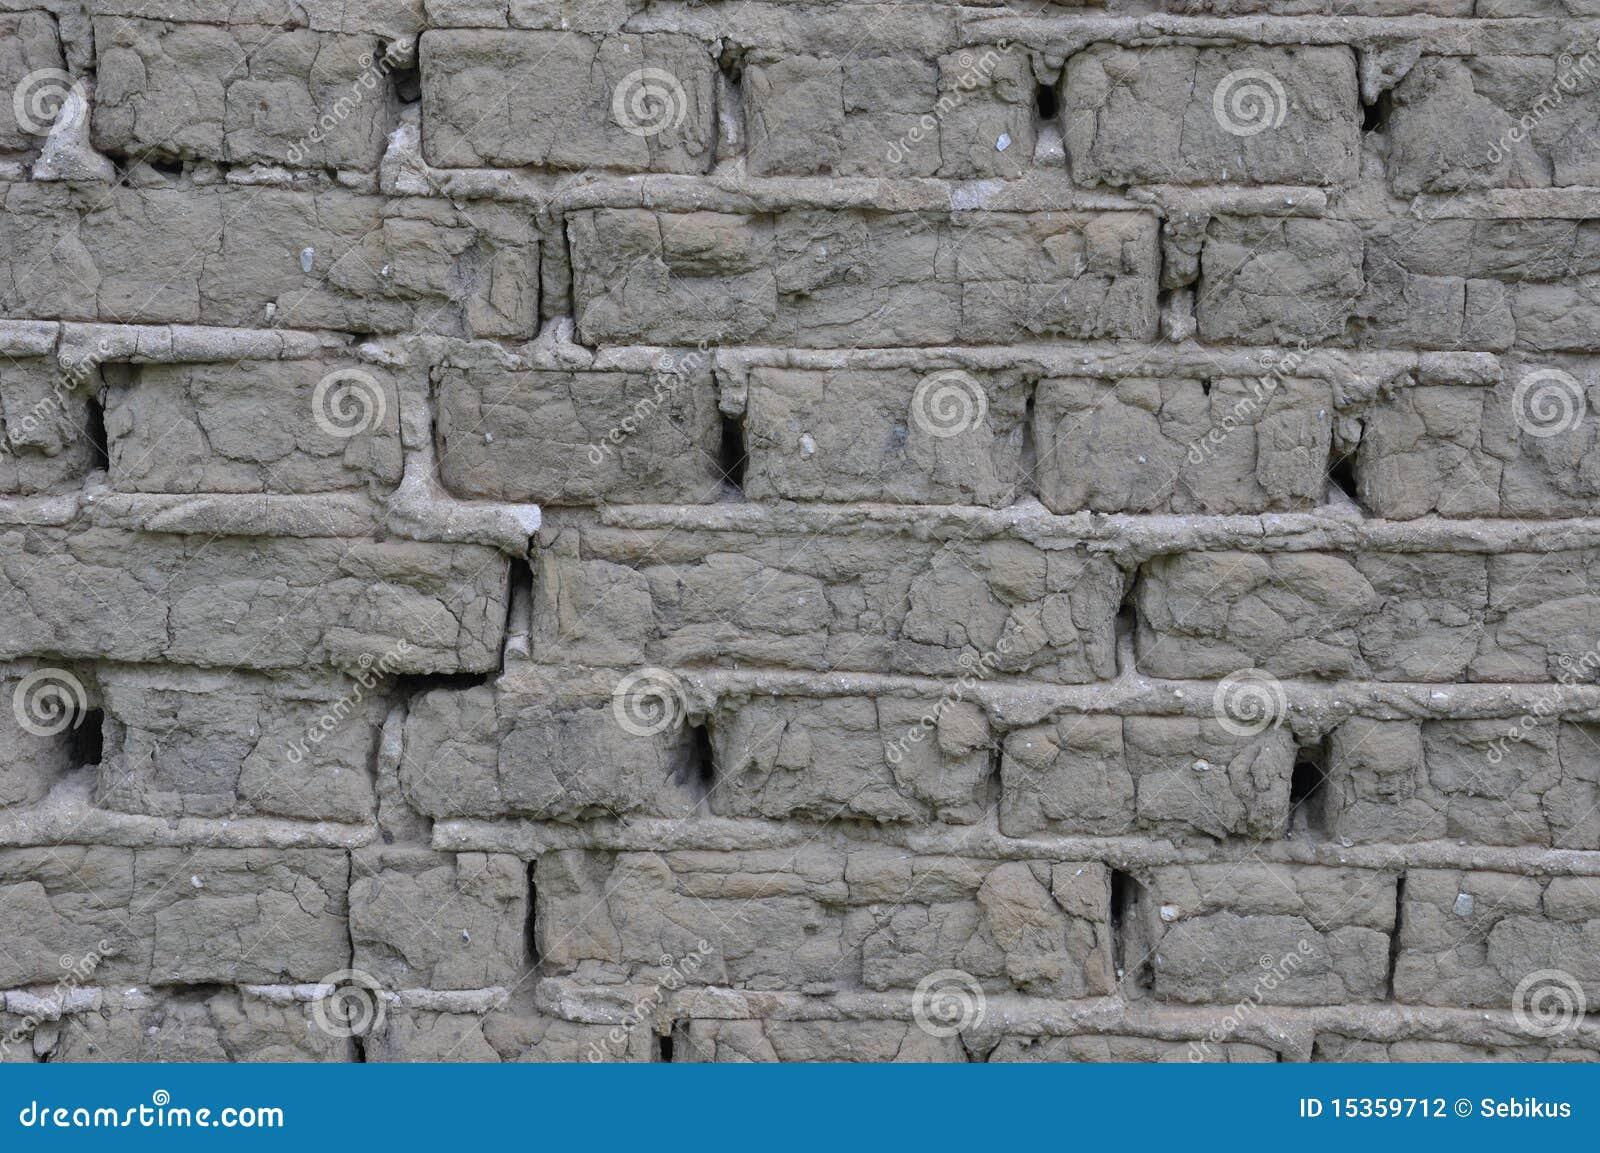 Graue ziegelsteine vom boden stockfotografie bild 15359712 for Boden ziegelsteine